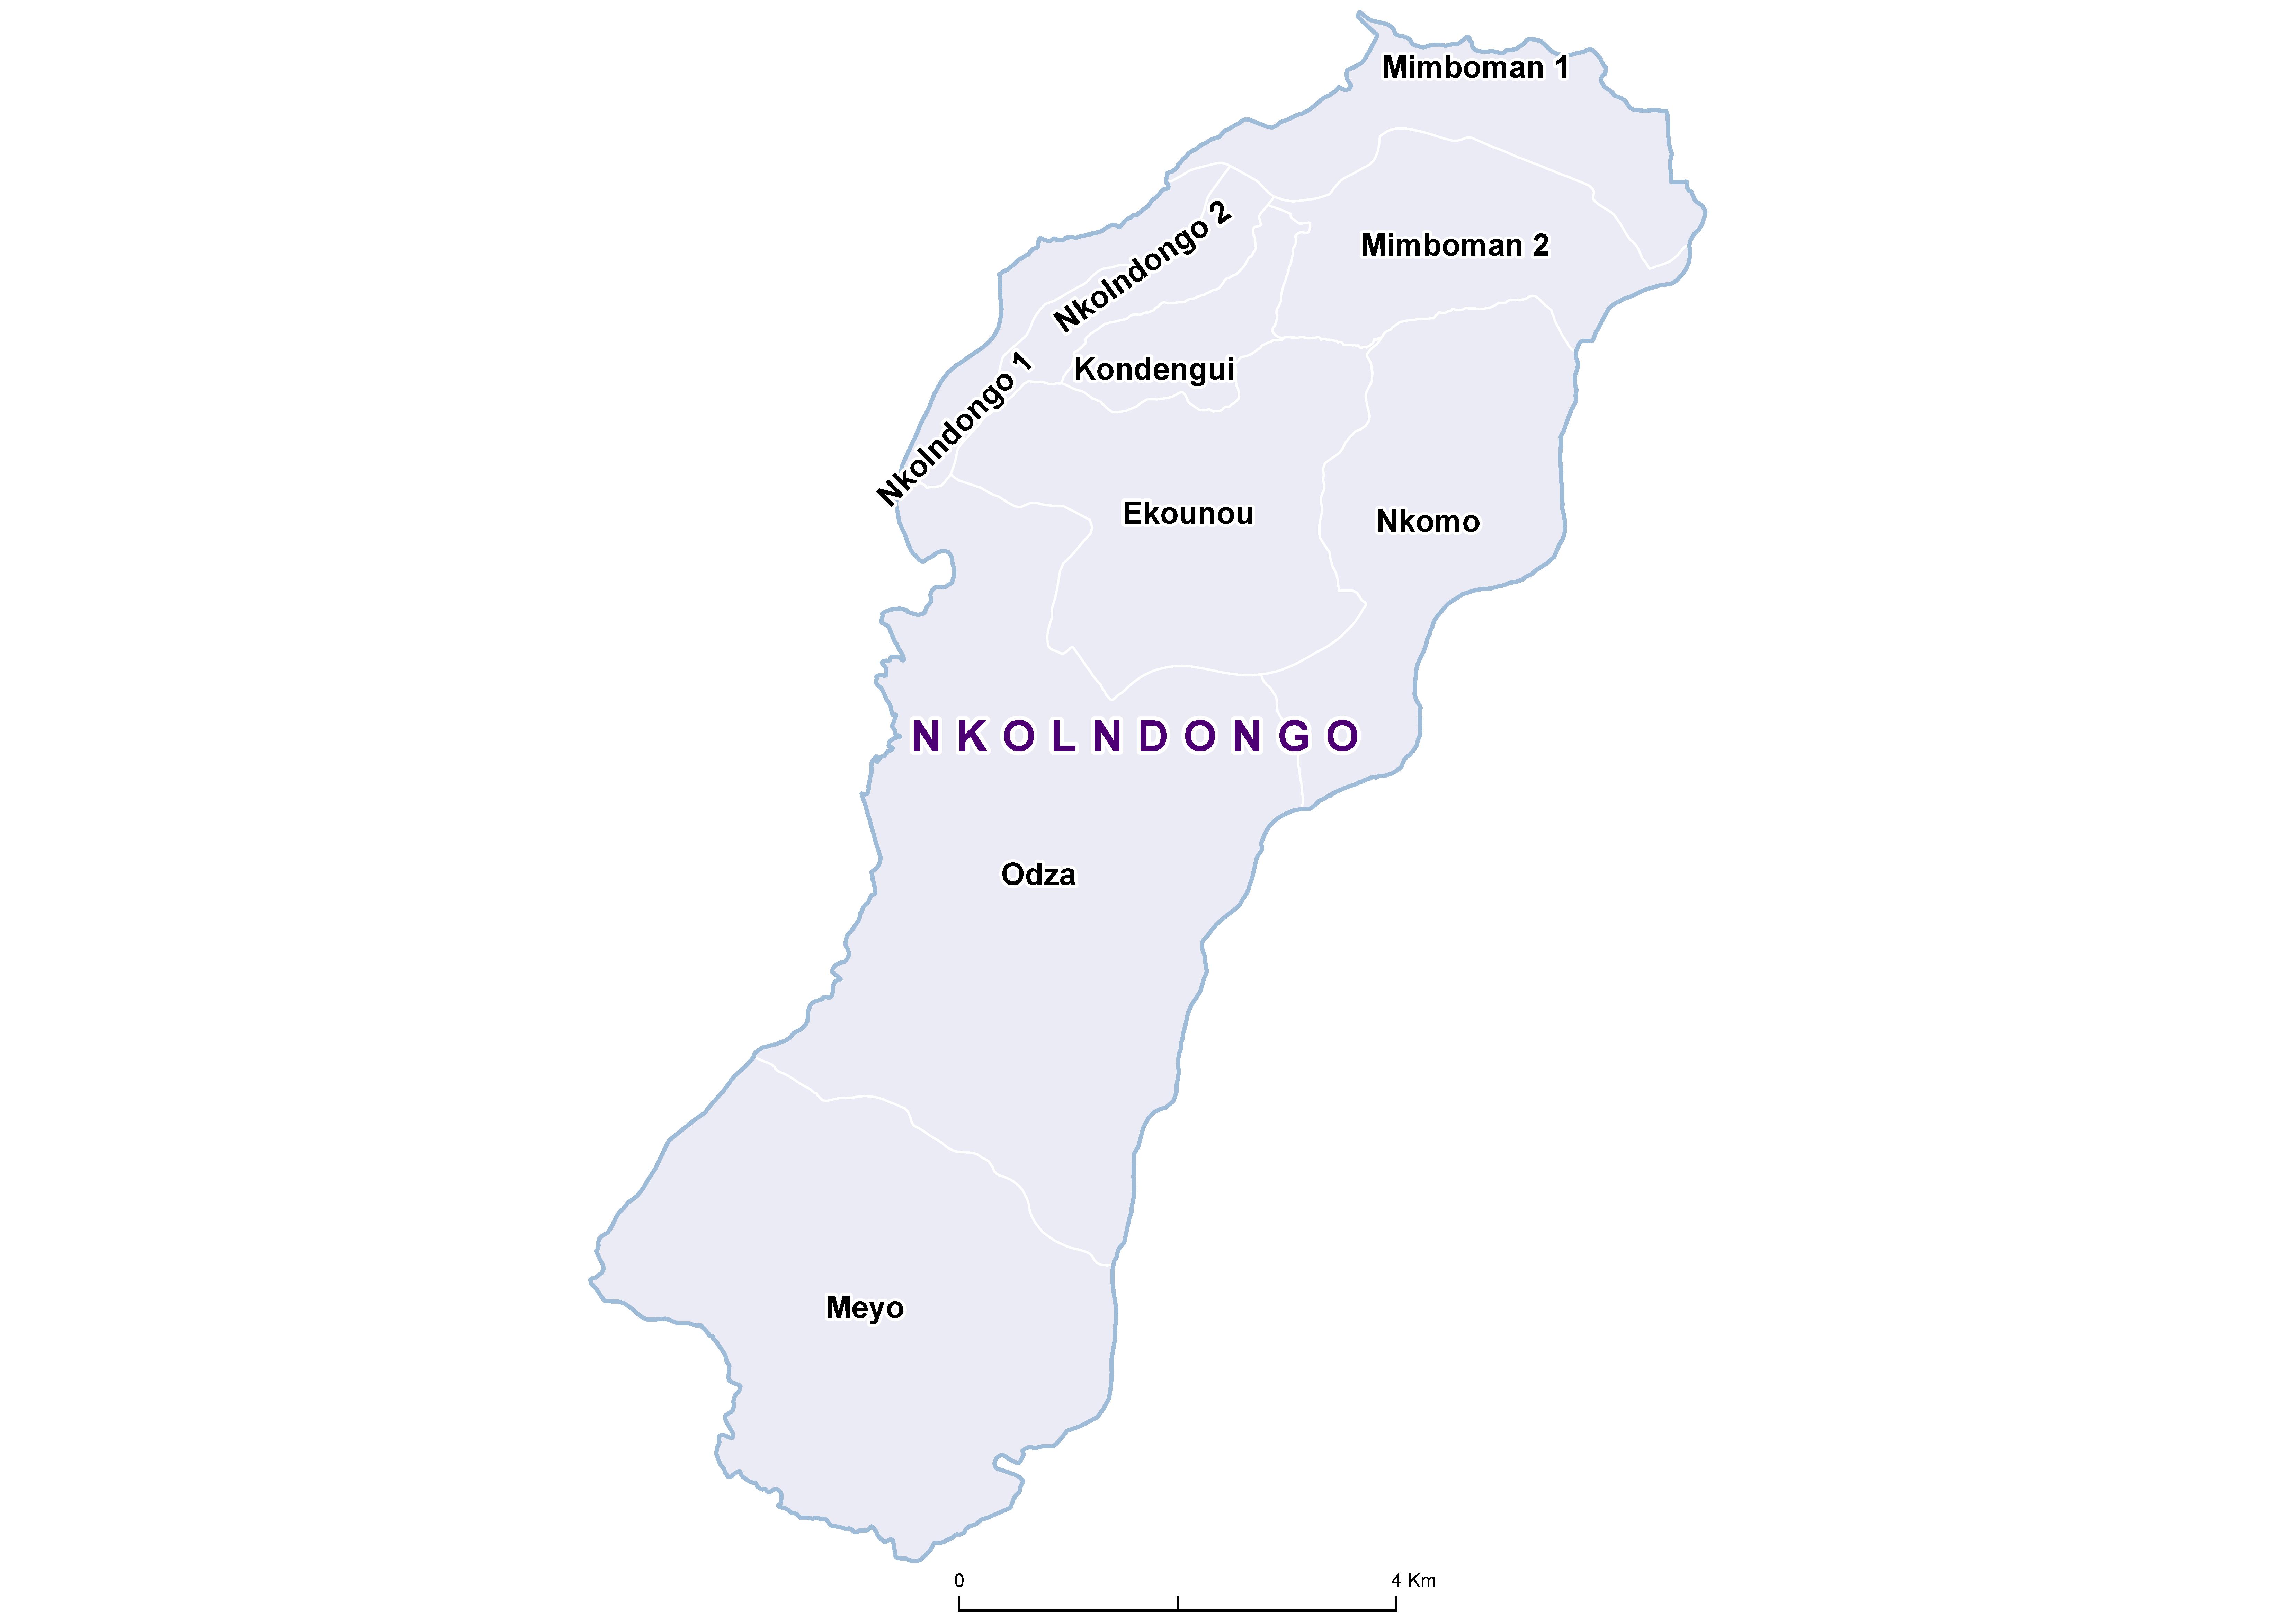 Nkolndongo STH 19850001